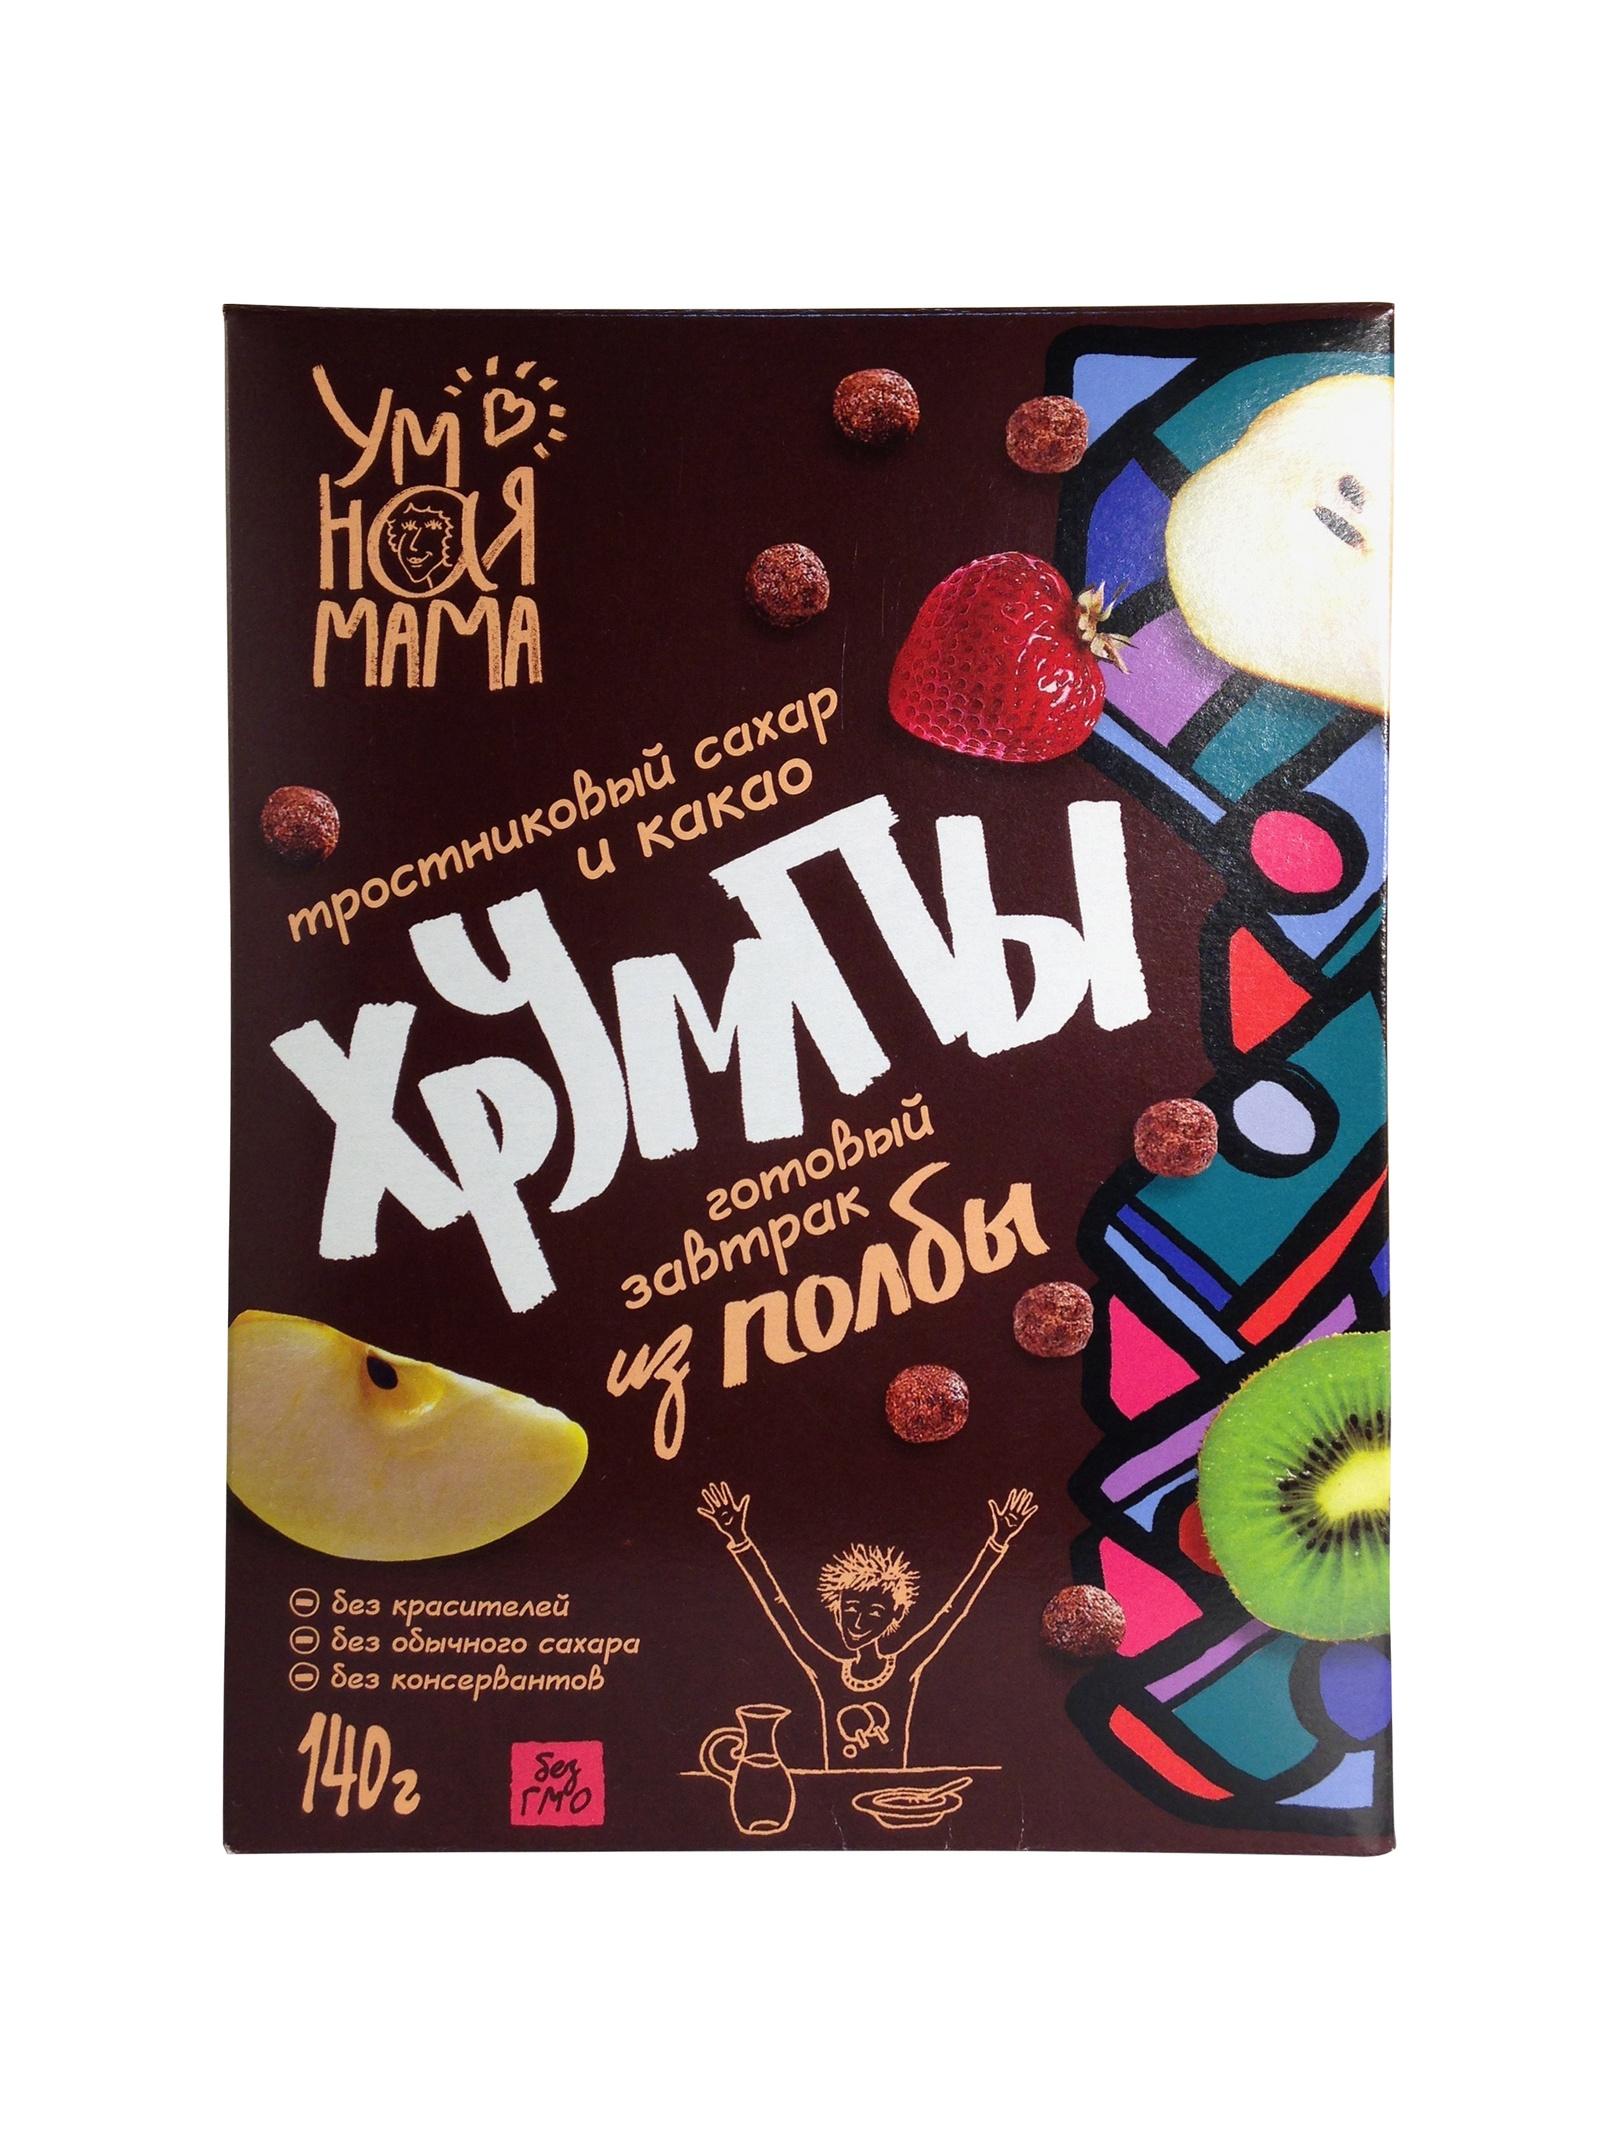 Хрумпы с какао Умная мама готовый завтрак из полбы тростниковым сахаром и какао, 140г